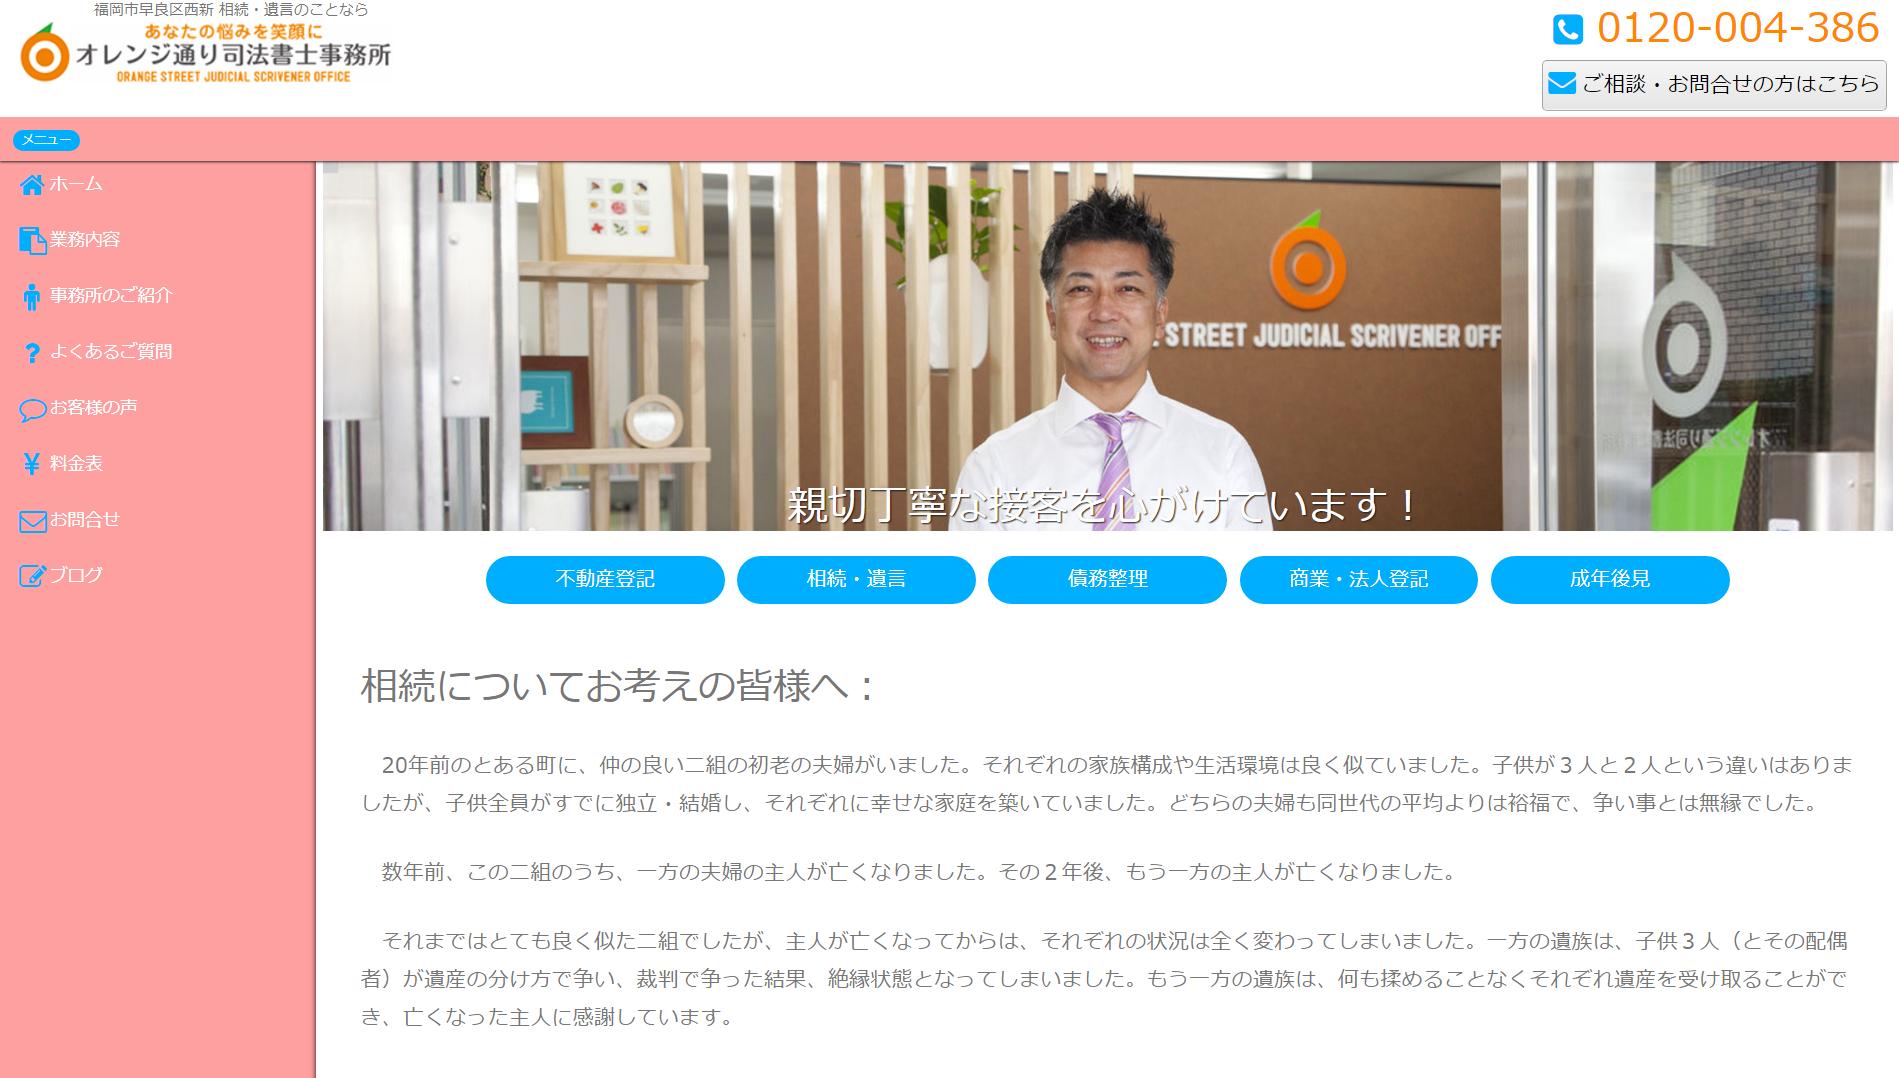 オレンジ通り司法書士事務所(福岡県福岡市早良区)